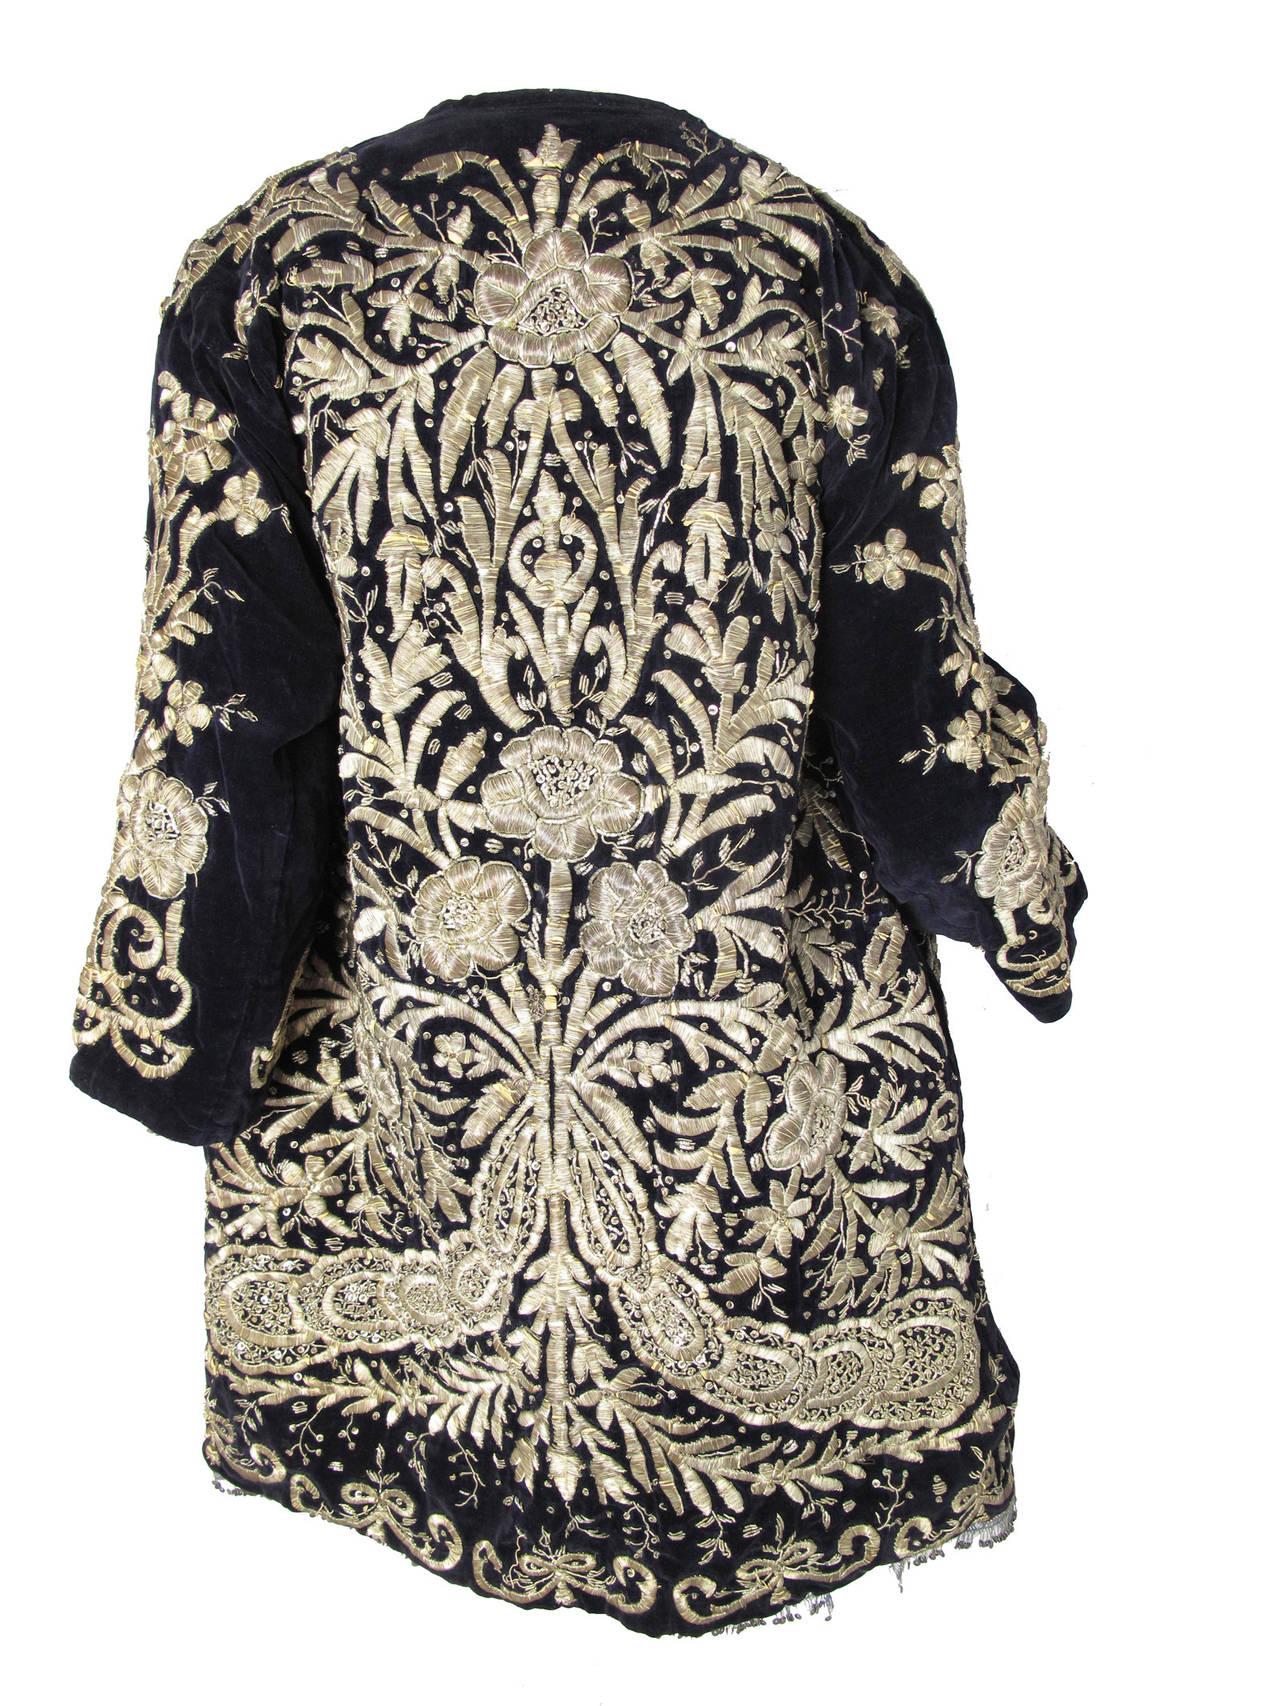 Harem Coat black velvet with gold thread 3